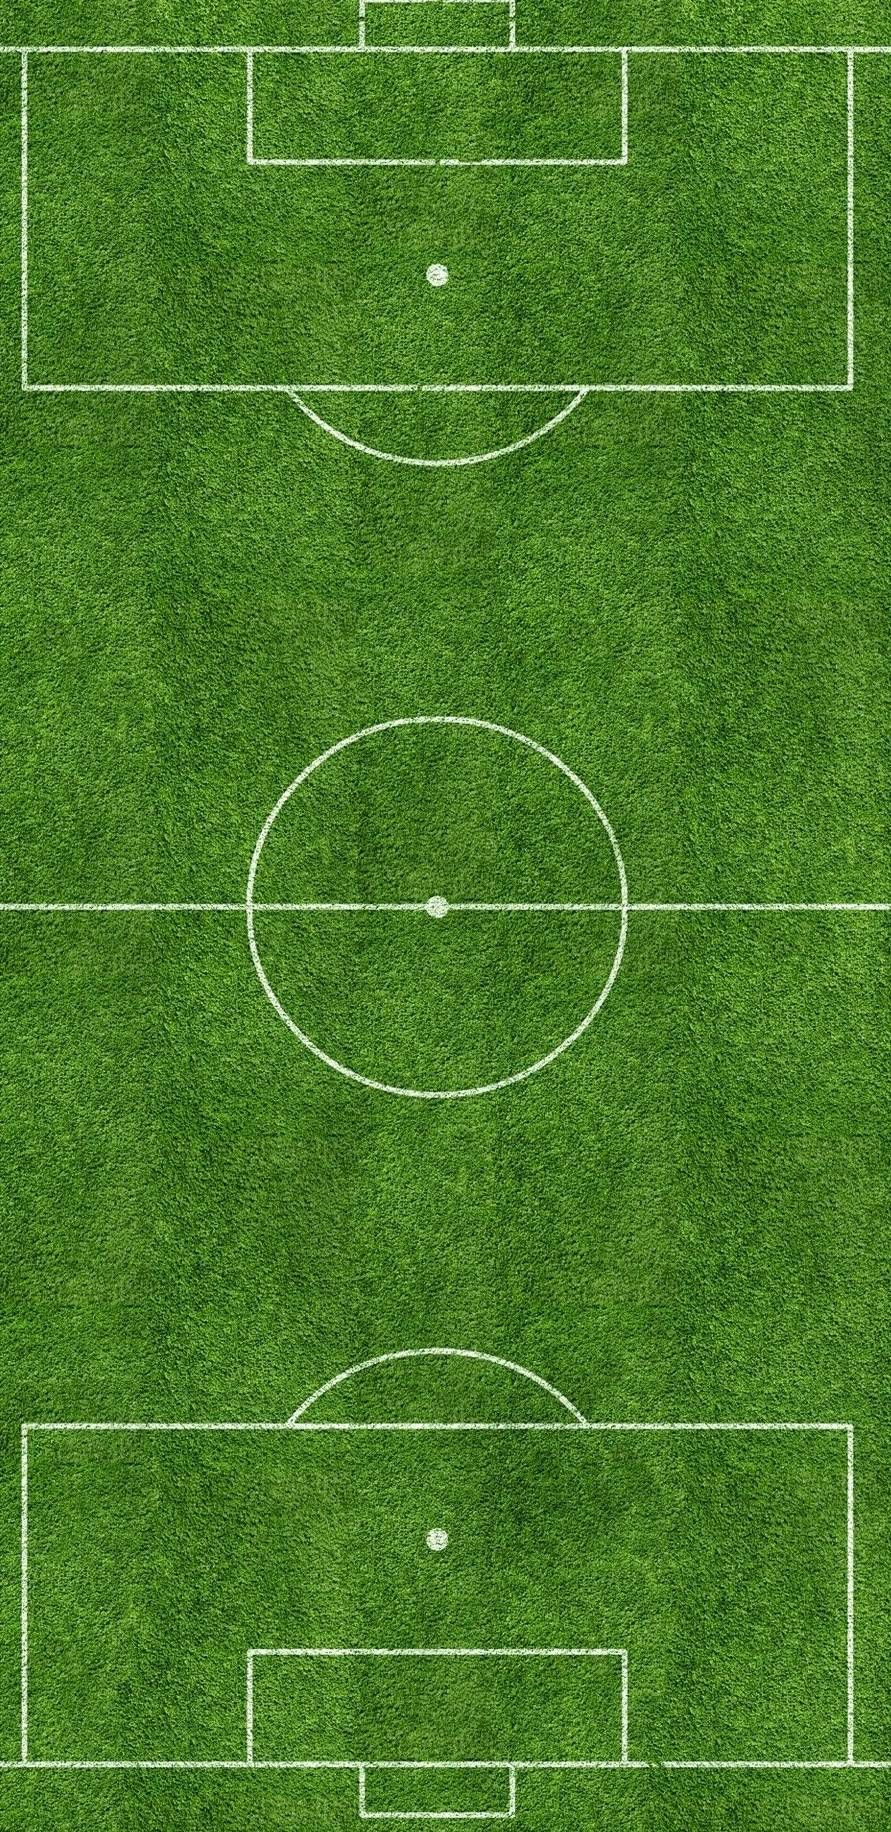 Gambar Dan Ukuran Lapangan Sepak Bola Beserta